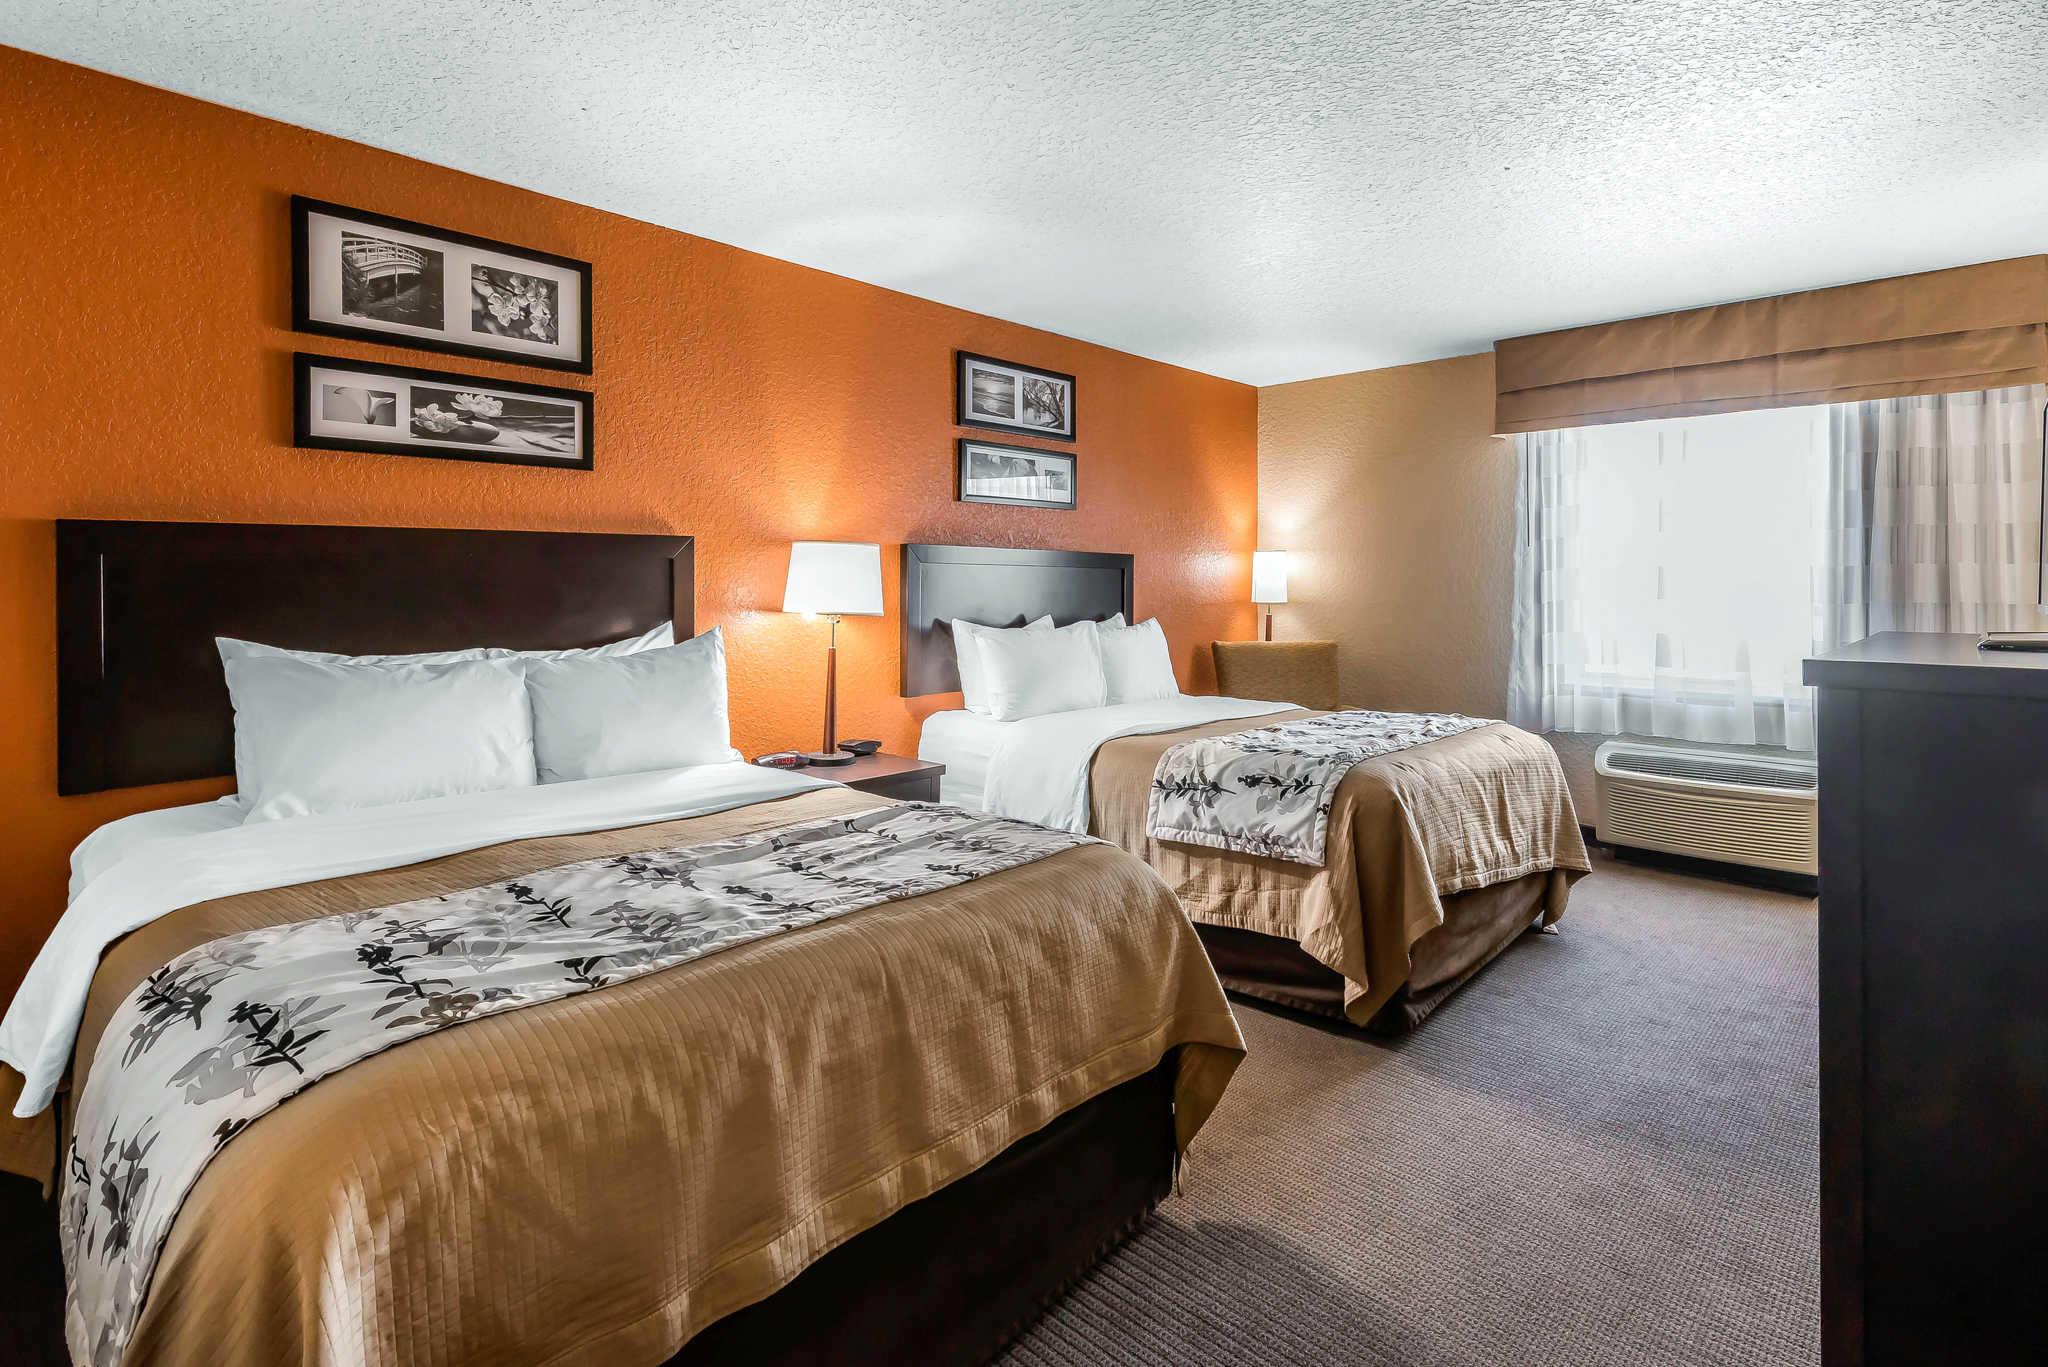 Sleep Inn & Suites Ocala - Belleview image 22